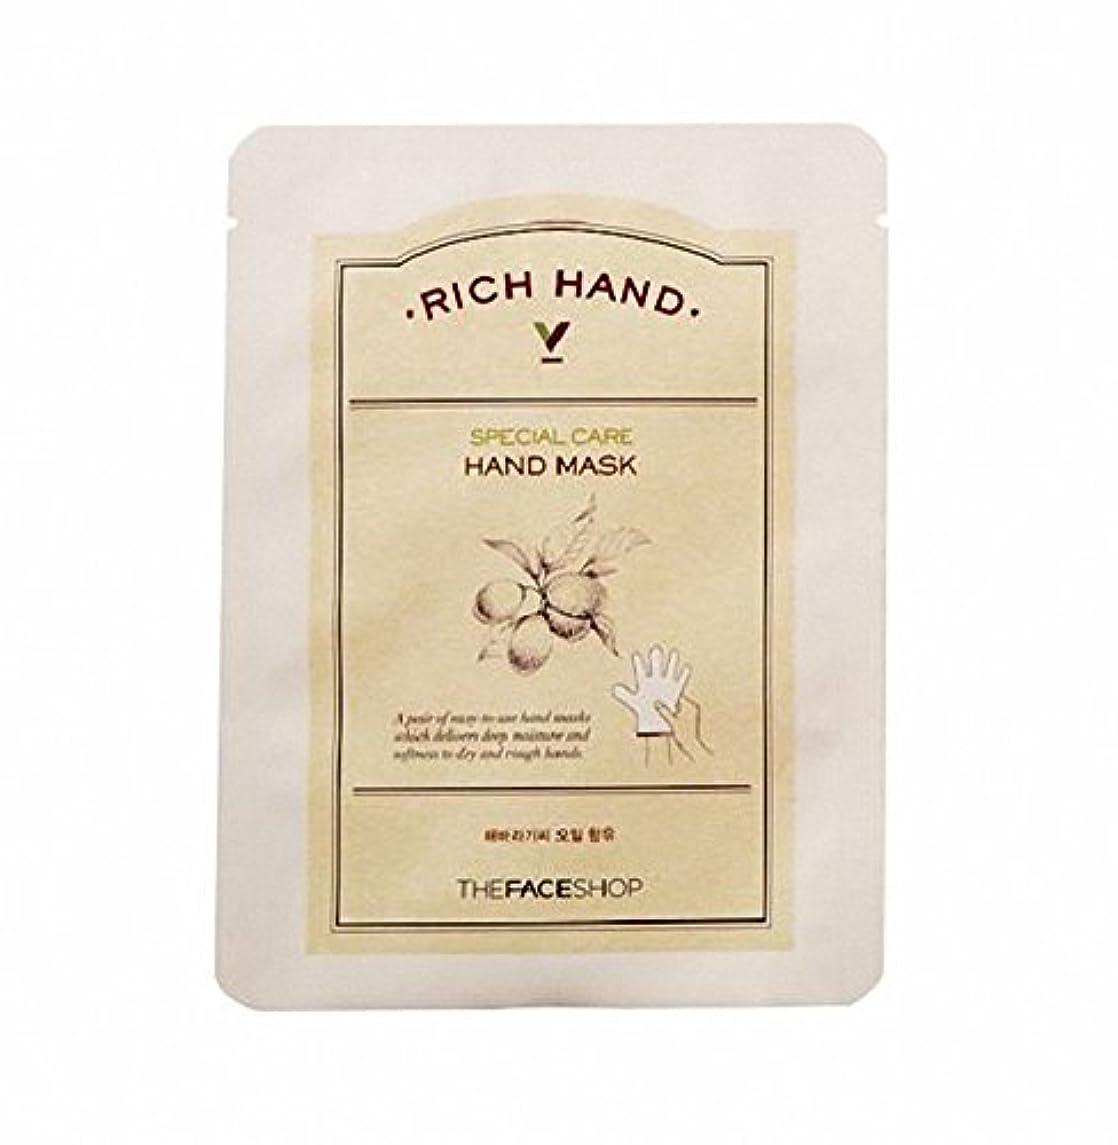 スチール刺激する大気[ザ·フェイスショップ The Face Shop]  リッチ ハンド V スペシャルケア ハンドマスク (3枚) Rich Hand V Special Care Hand Mask (3 Sheet) 韓国コスメ[海外直送品]